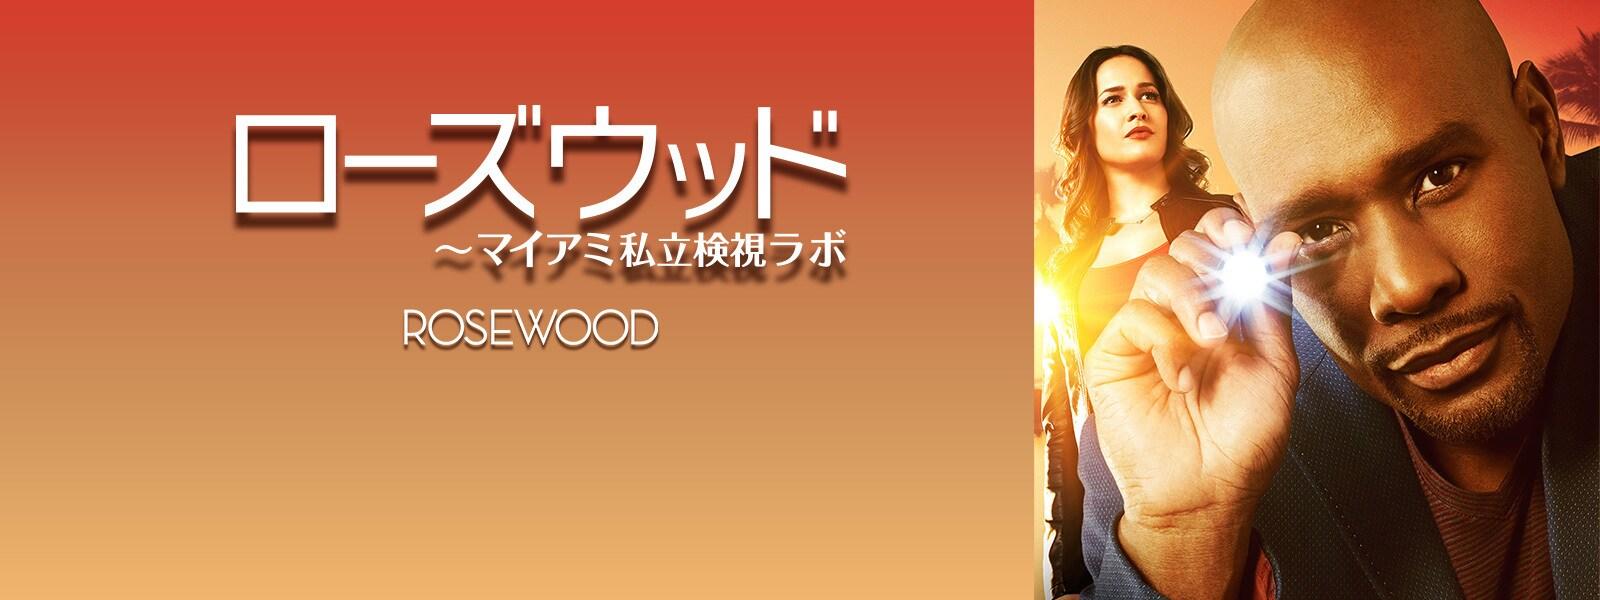 ローズウッド ~マイアミ私立検視ラボ ROSEWOOD Hero Object